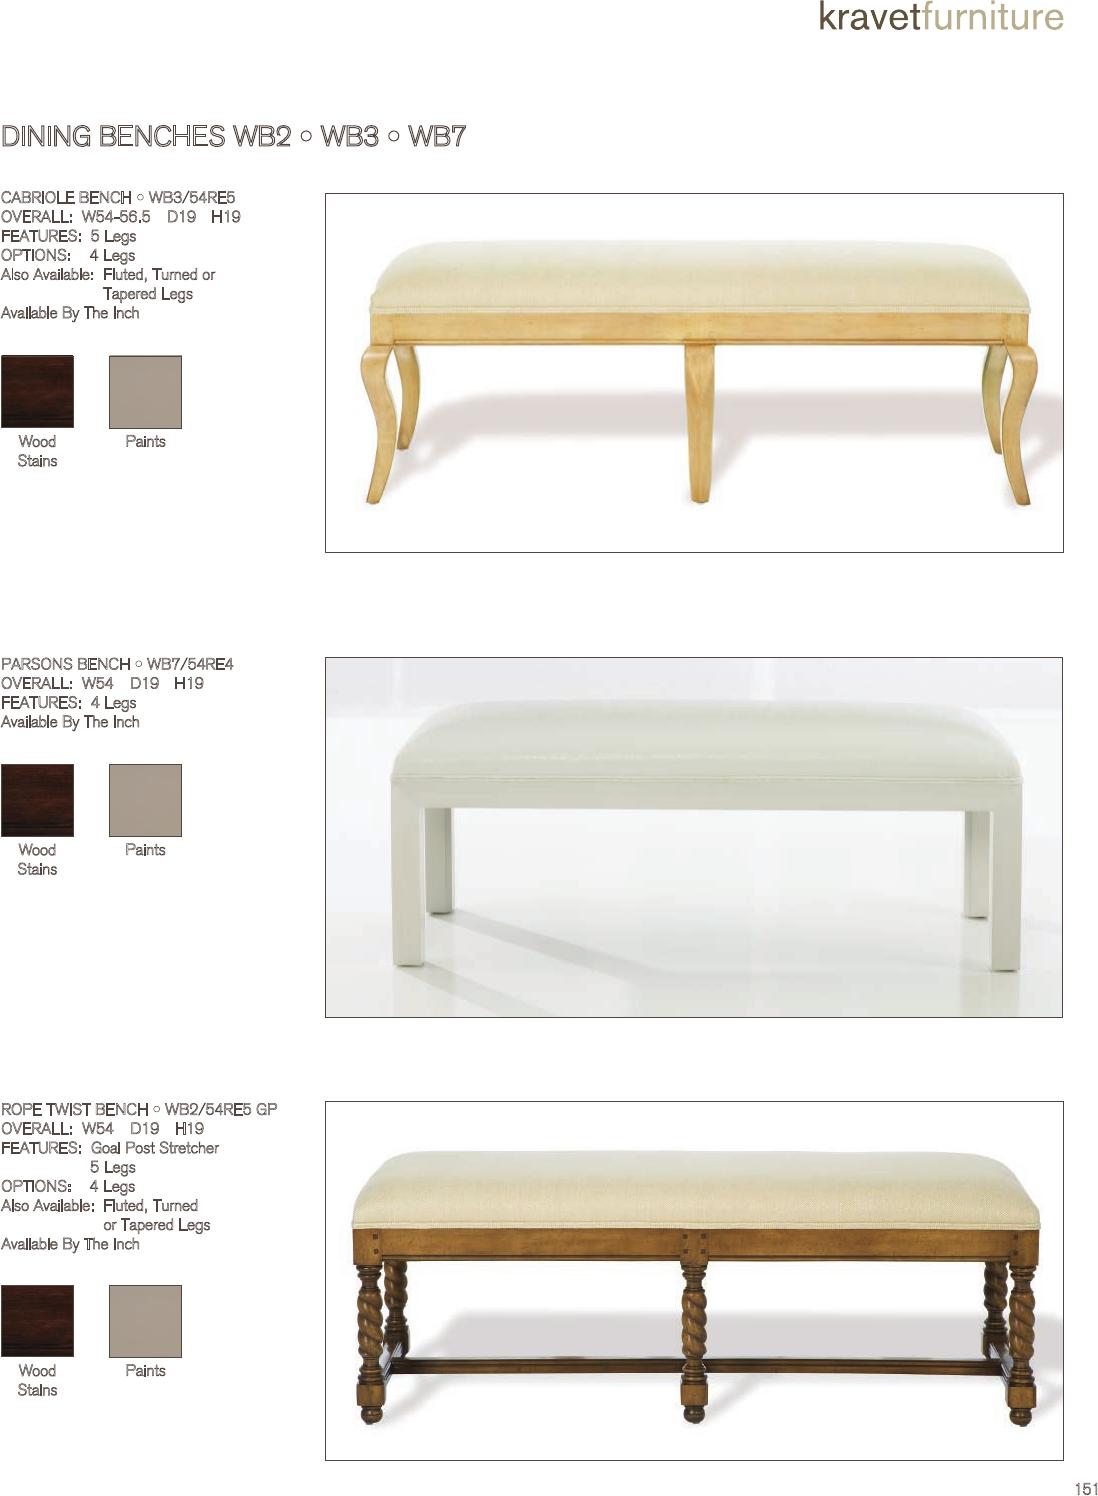 Brilliant Kravet Dining Bench Tearsheet Ibusinesslaw Wood Chair Design Ideas Ibusinesslaworg